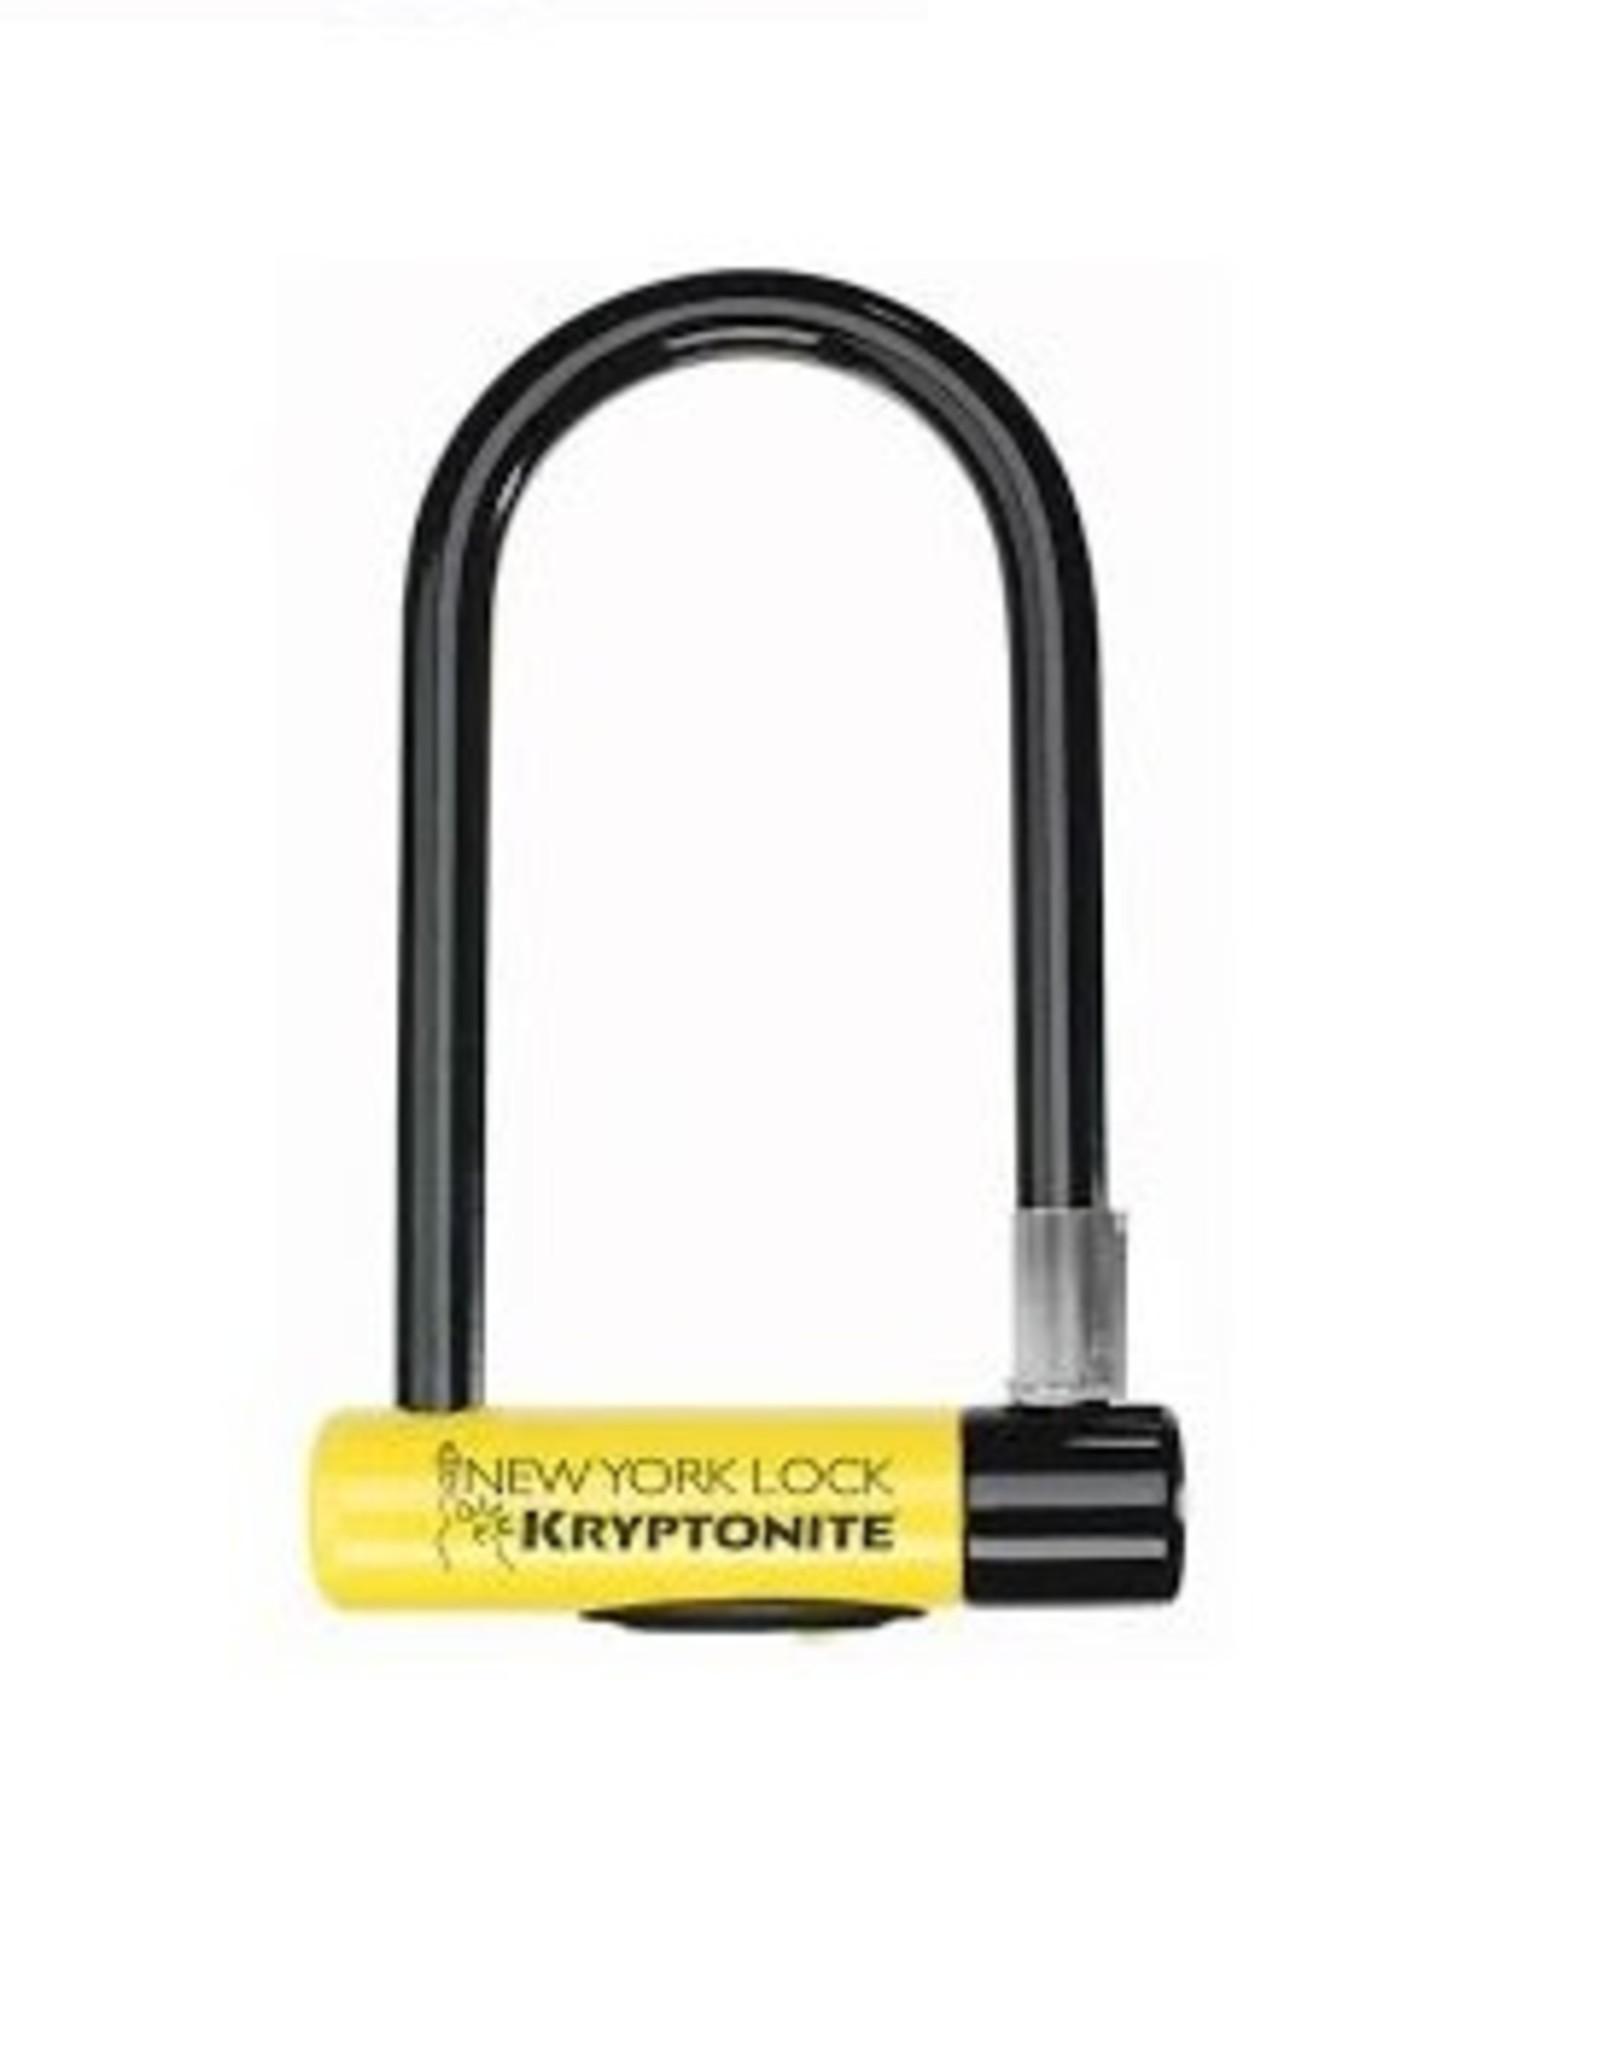 Kryptonite New York Std w/FlexFrame-U bracket (Yellow)